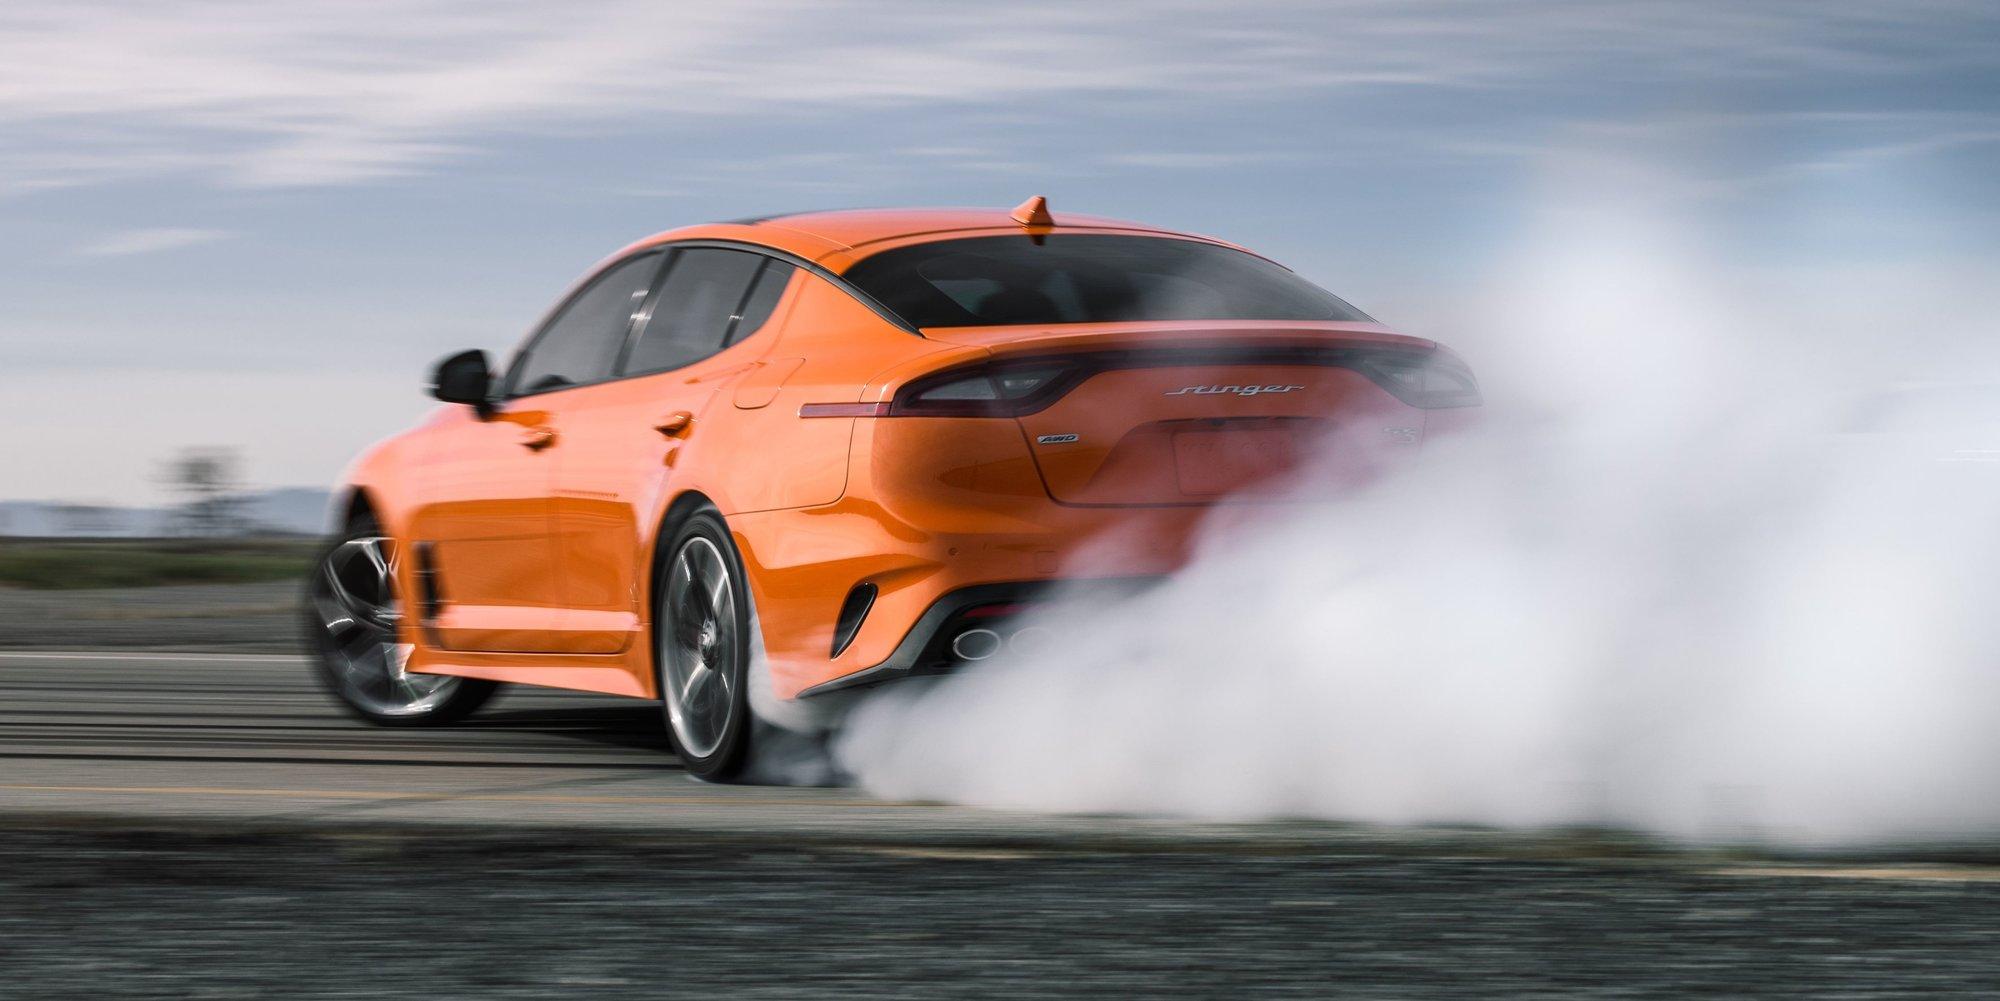 Máte rádi driftování? Limitovaná edice Kia Stinger GTS je tu pro vás